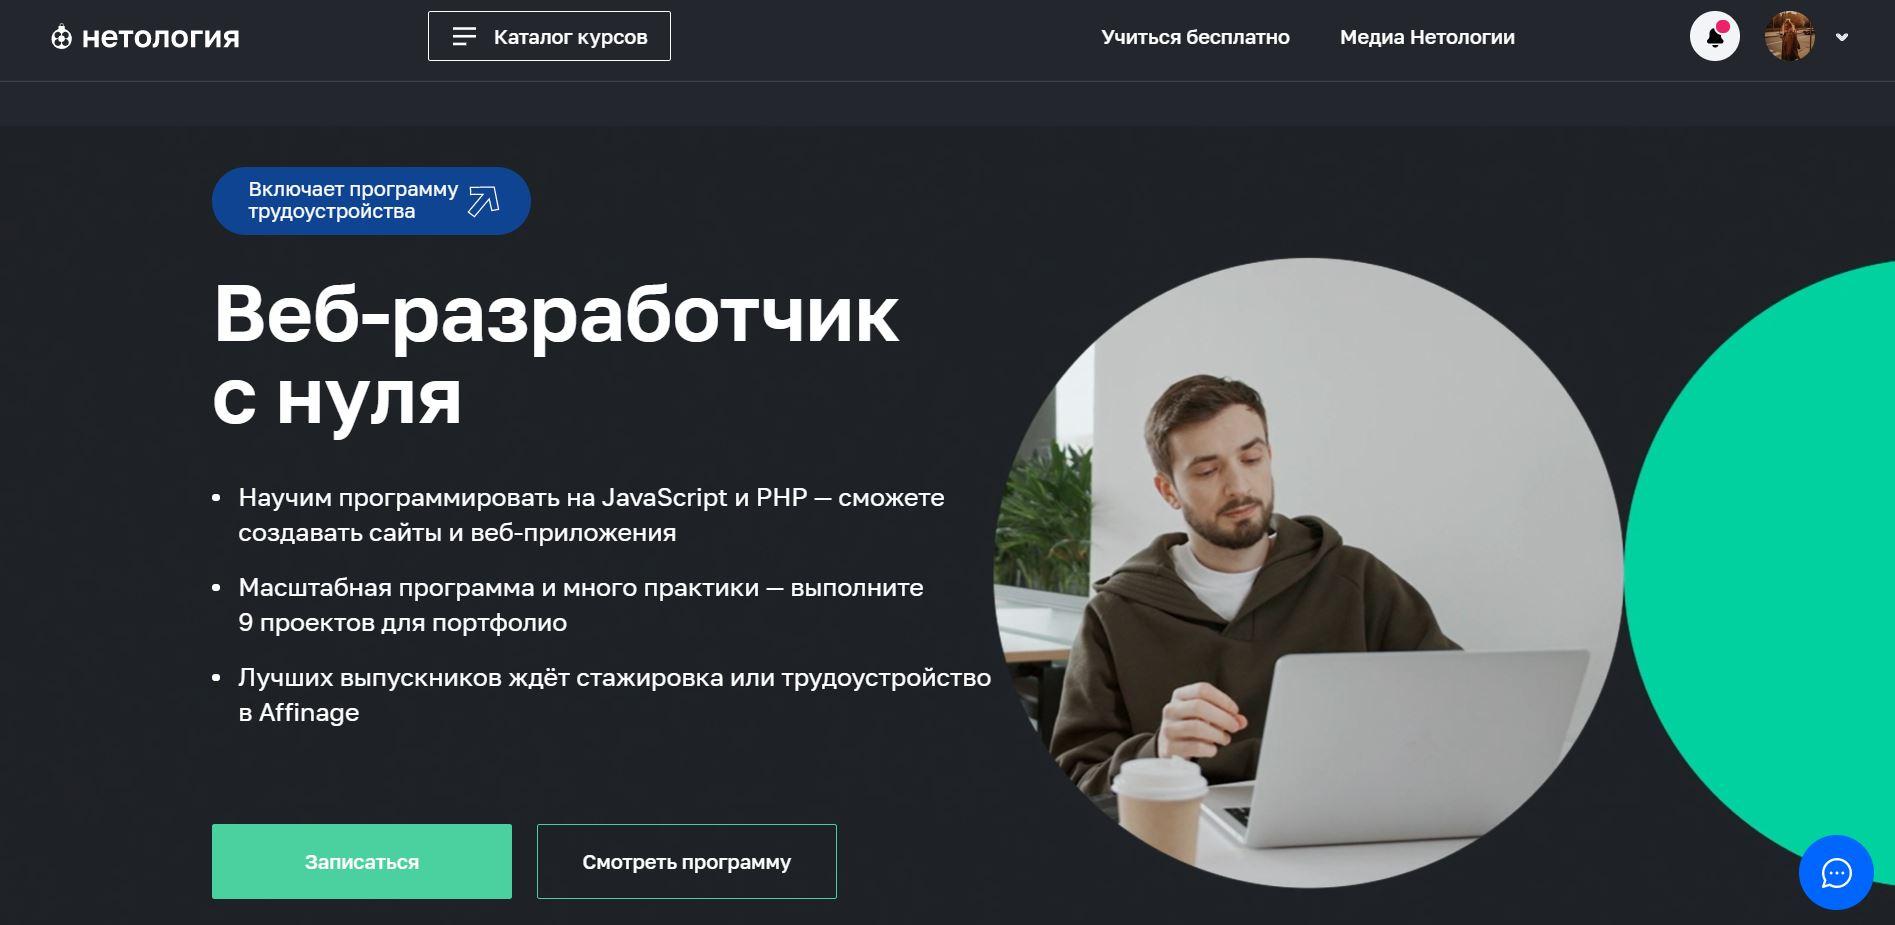 Веб-разработчик с нуля